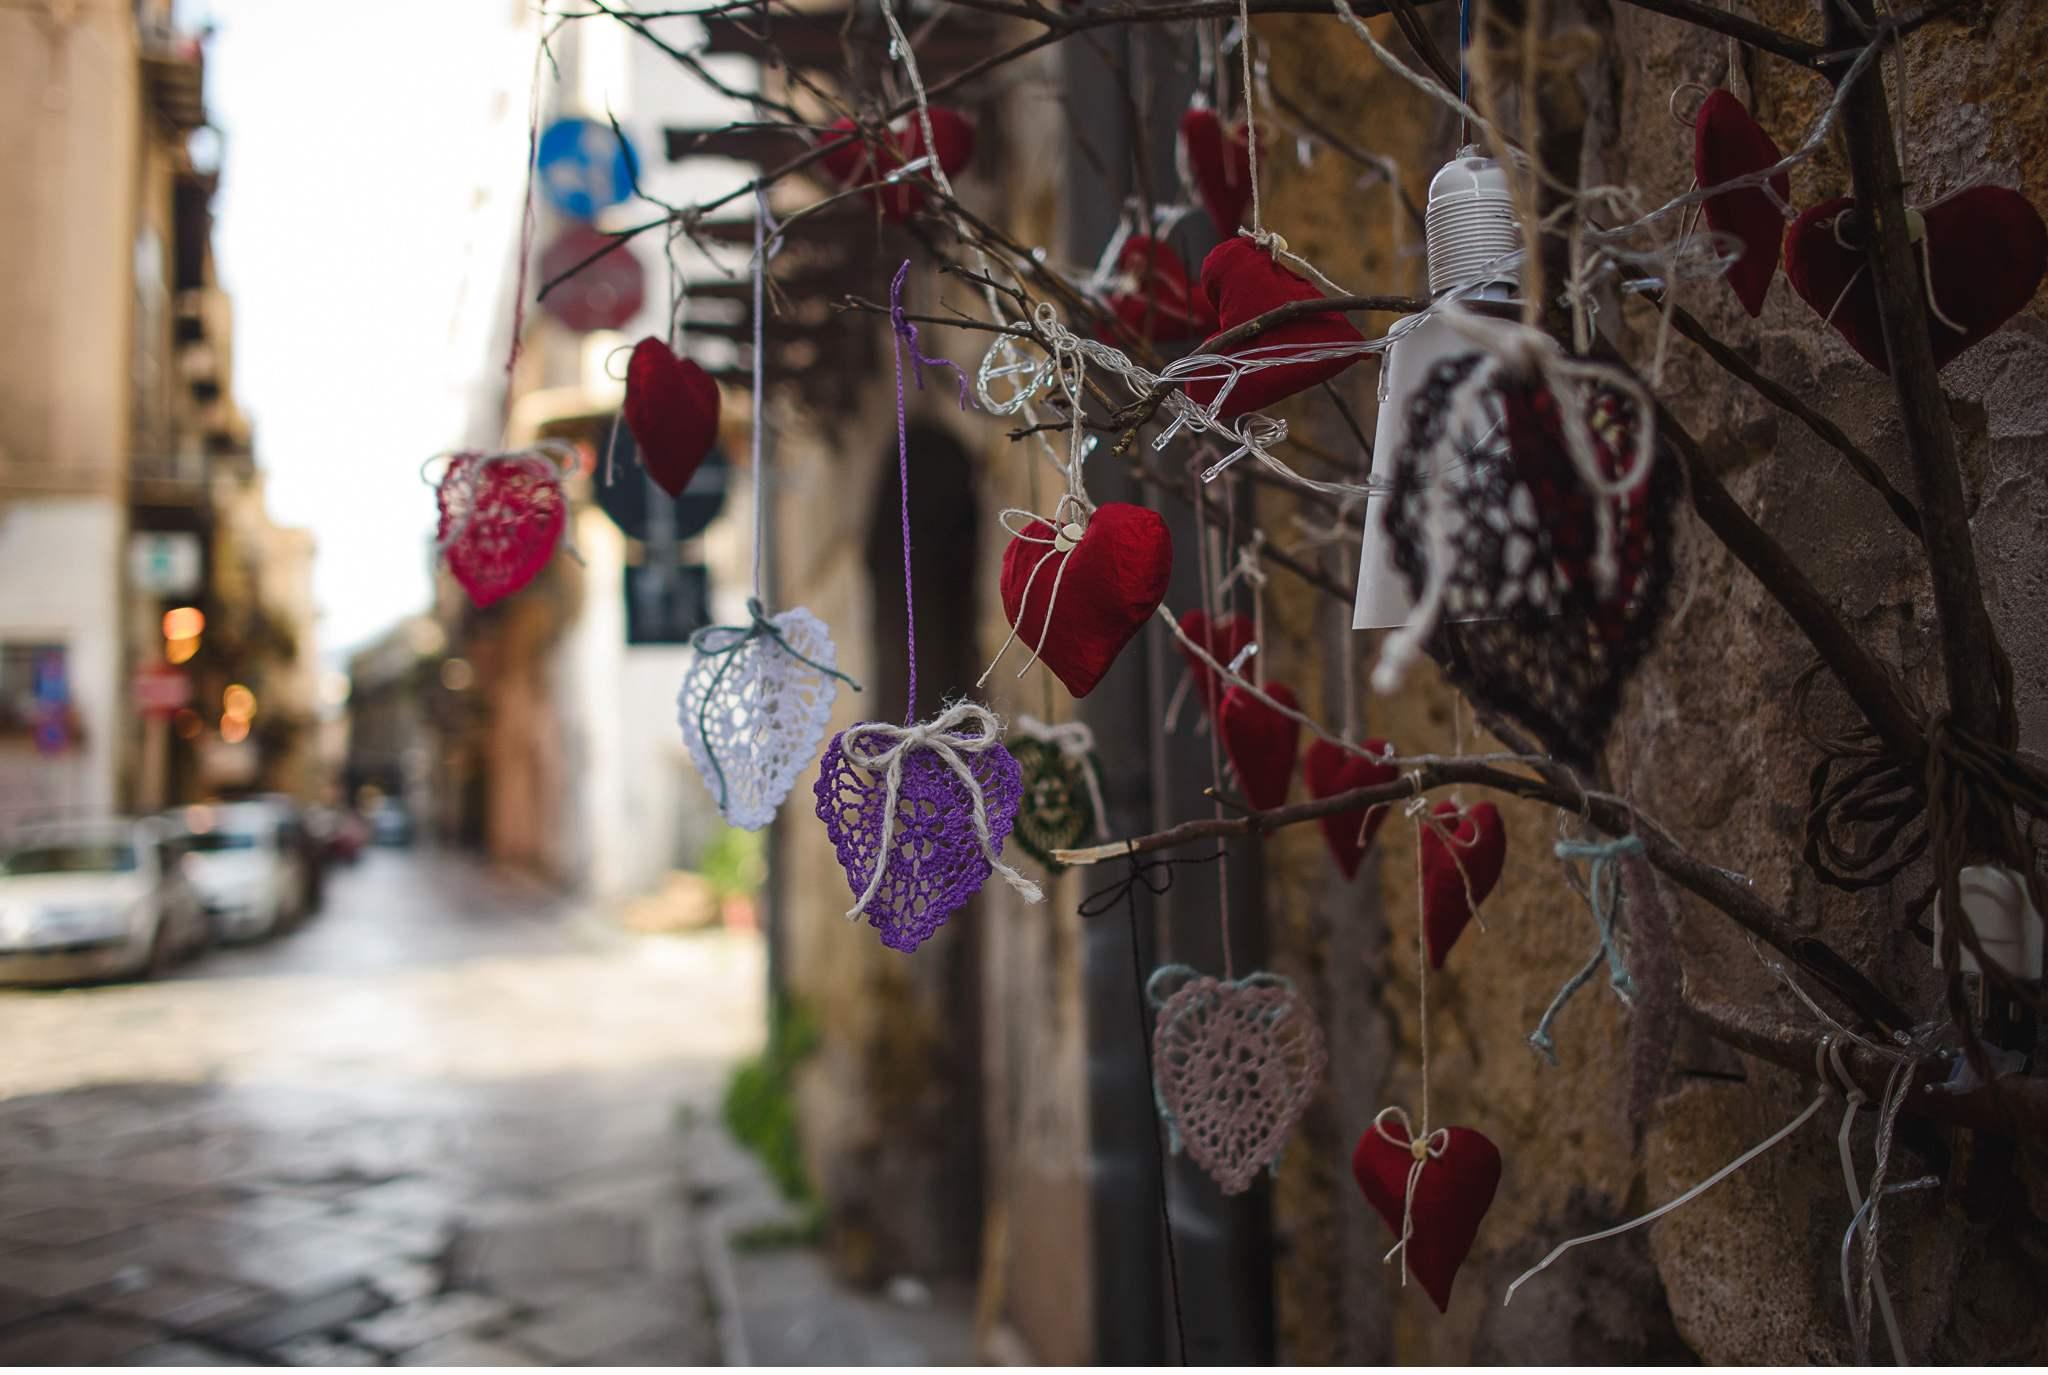 Palermo - visit Palermo - Italien - By Daniel Kempf-Seifried - Geschichten von unterwegs-107